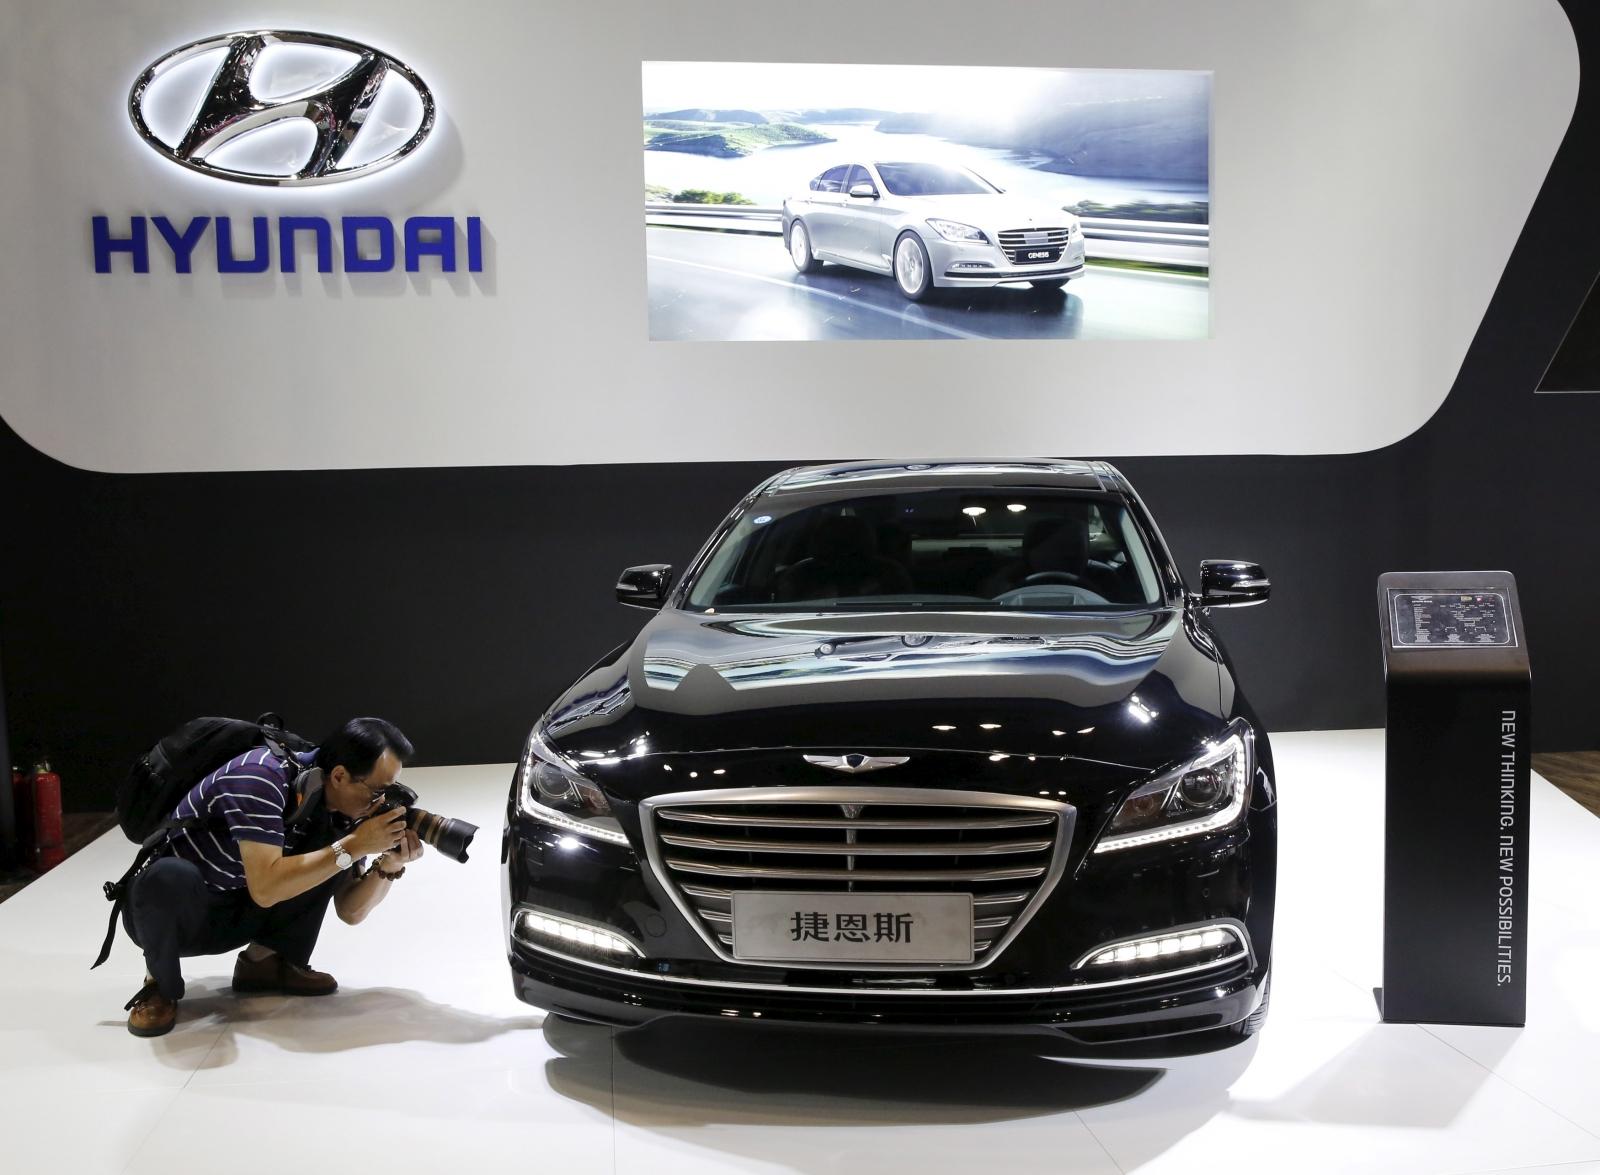 Hyundai car in Beijing